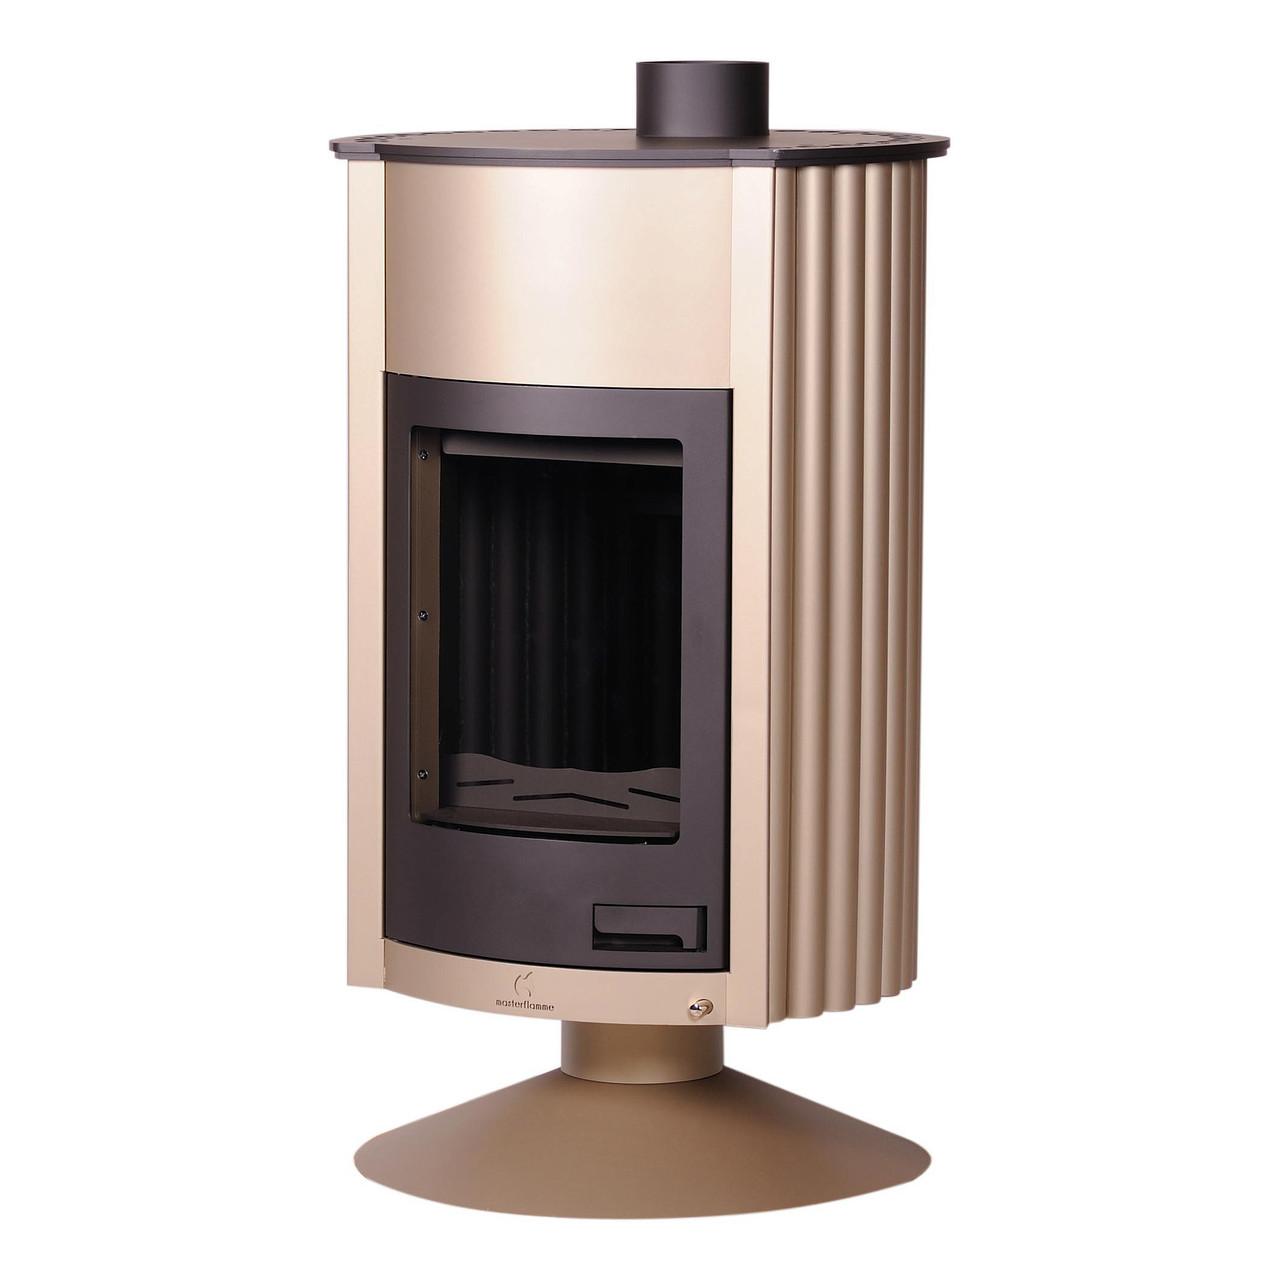 Отопительная печь-камин длительного горения Masterflamme Grande II (кремовый металлик)